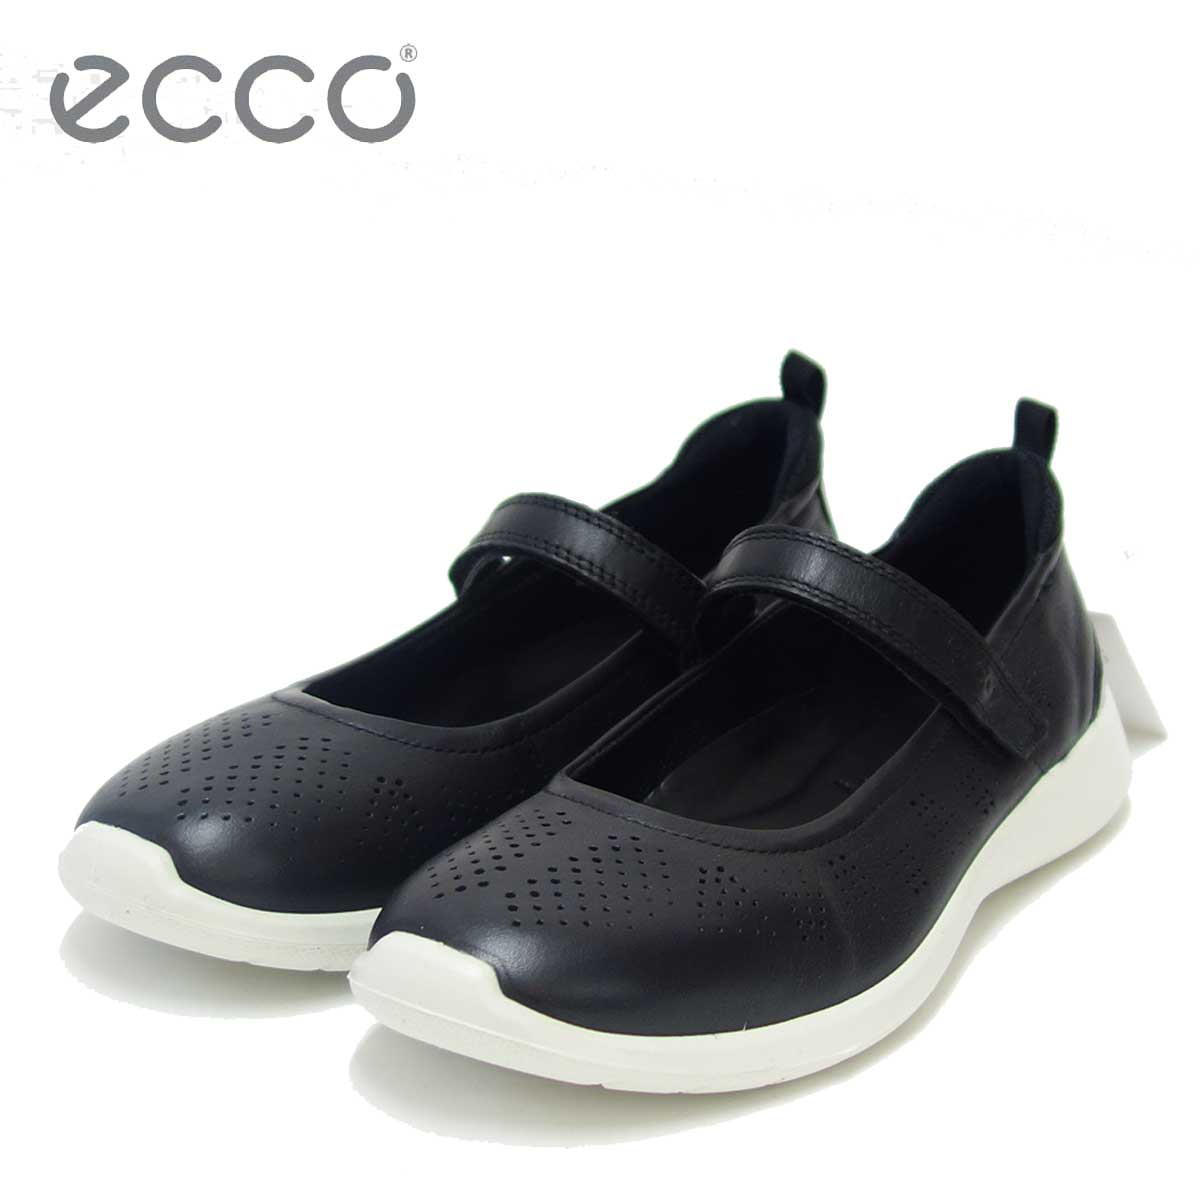 ECCO エコー 283043 ブラック(レディース)快適な履き心地のバレエシューズ天然皮革コンフォートシューズ「靴」